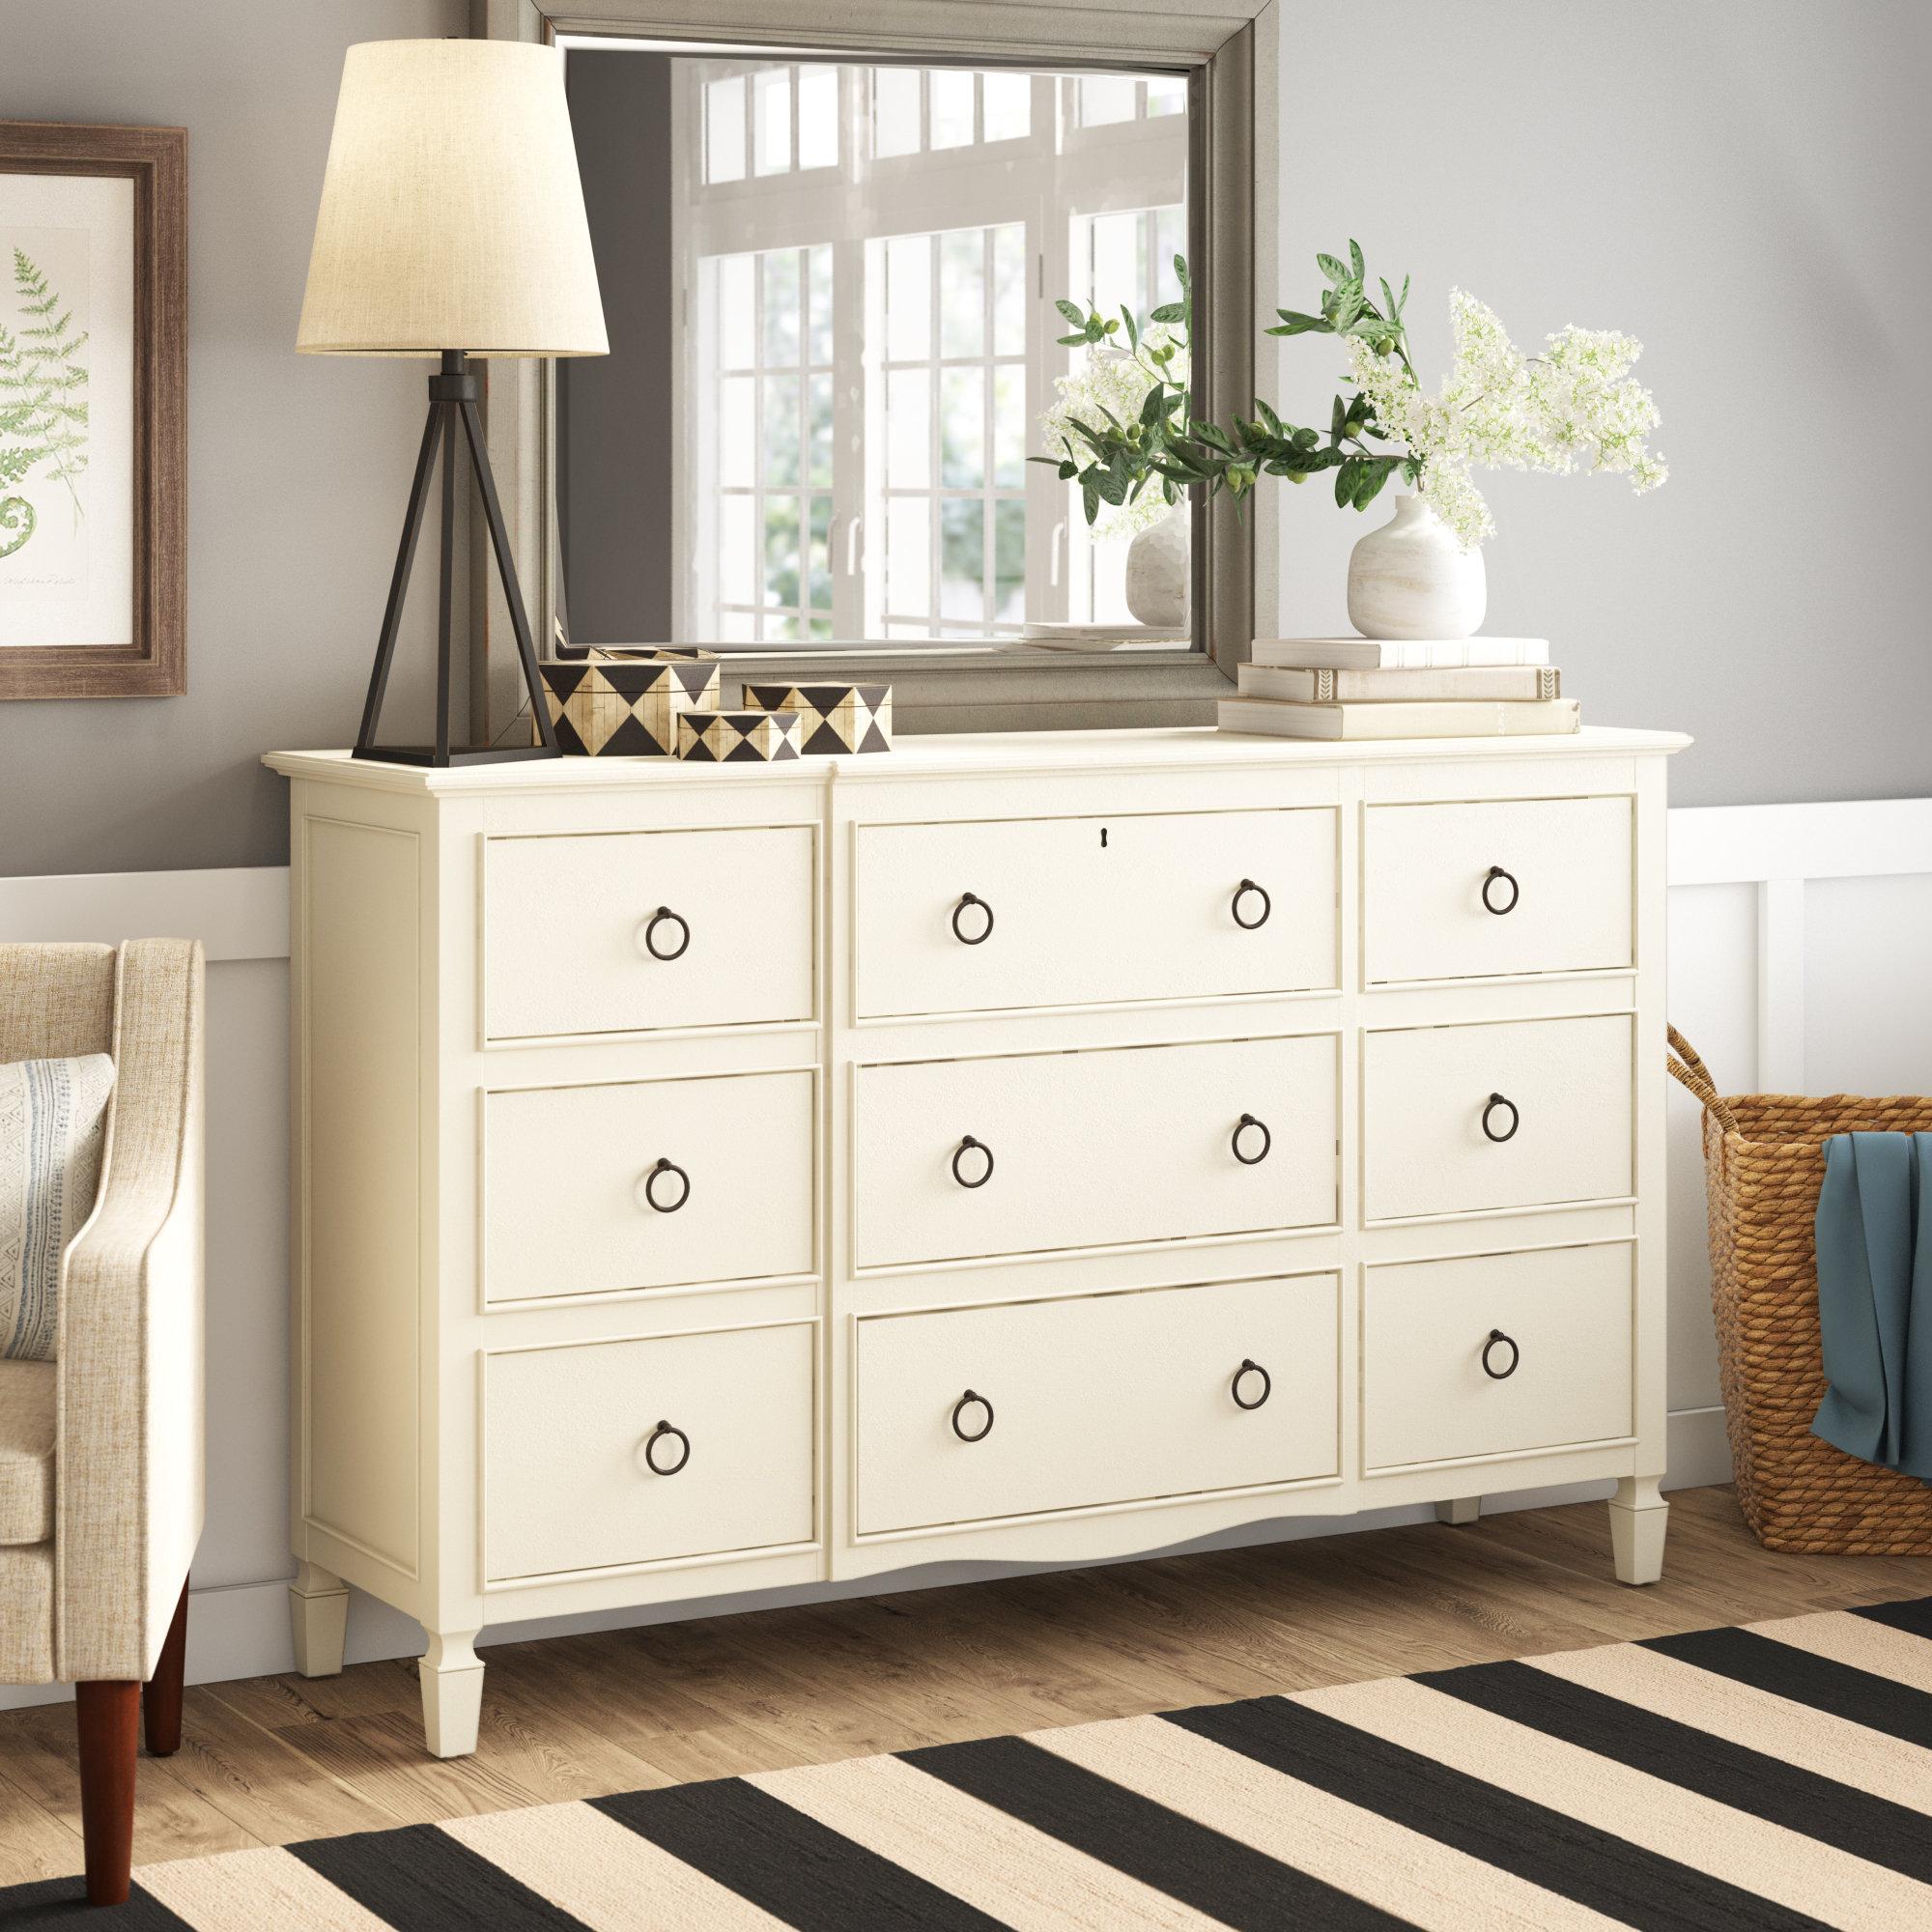 Haden Cottage 9 Drawer Dresser Reviews Birch Lane